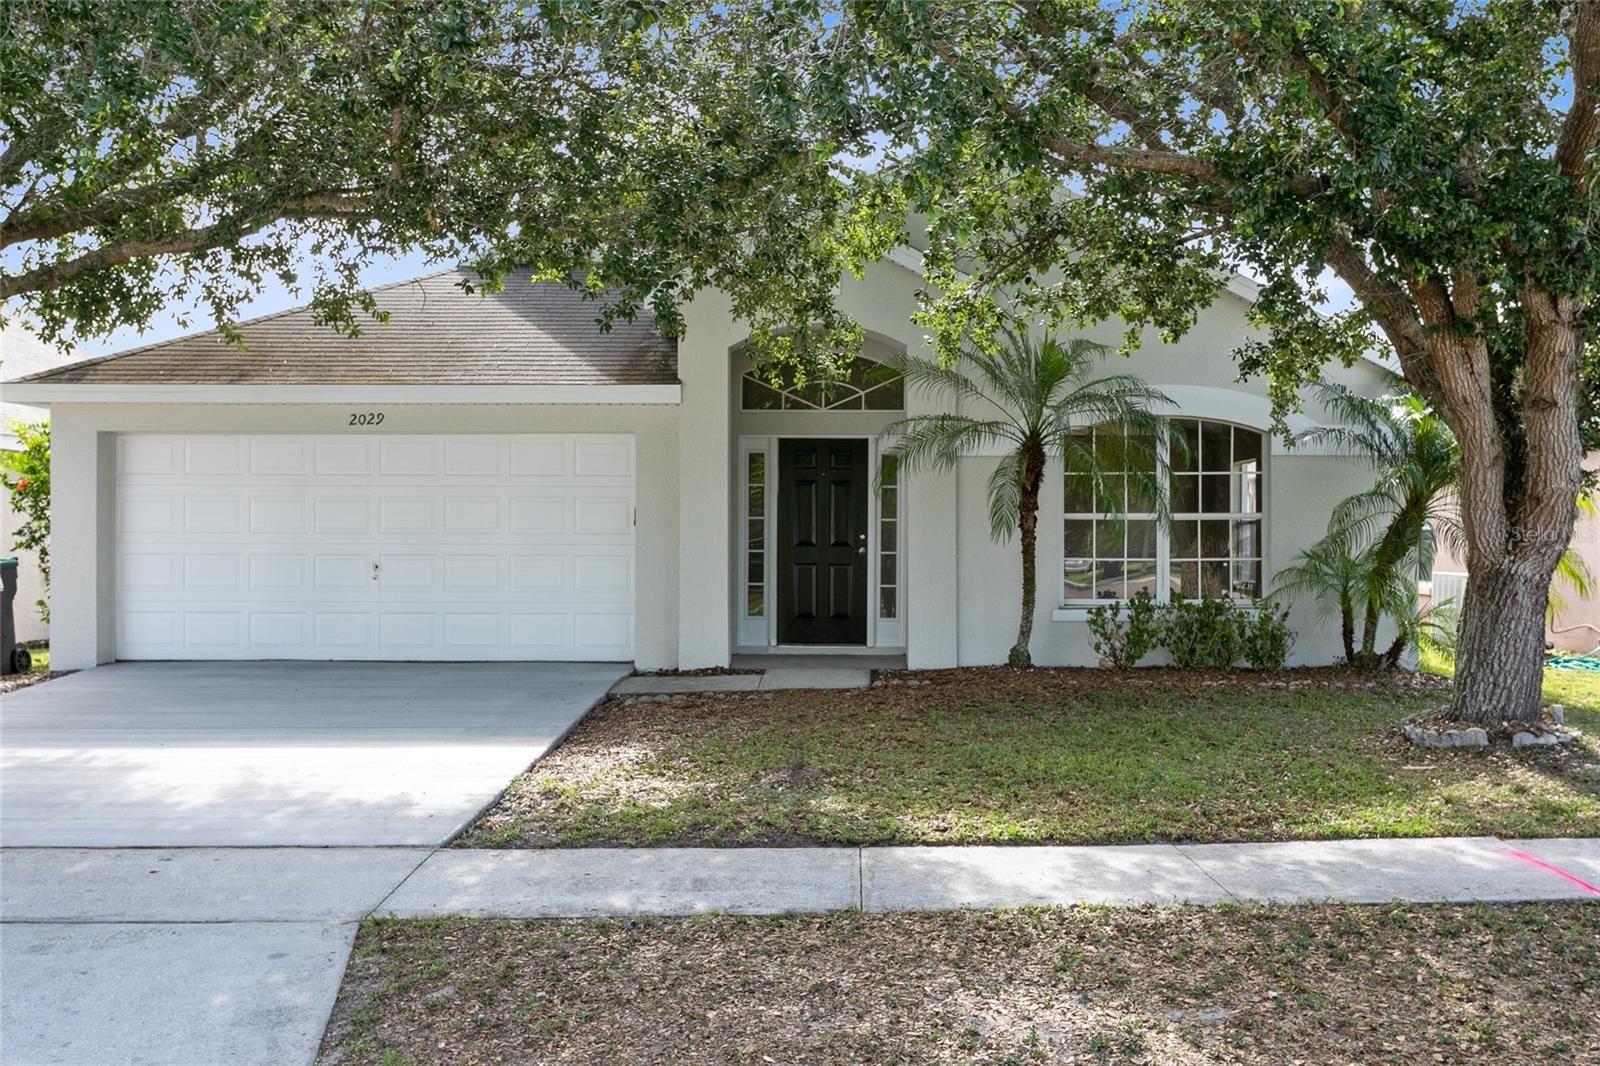 2029 COLONIAL WOODS BOULEVARD, Orlando, FL 32826 - #: O5949647